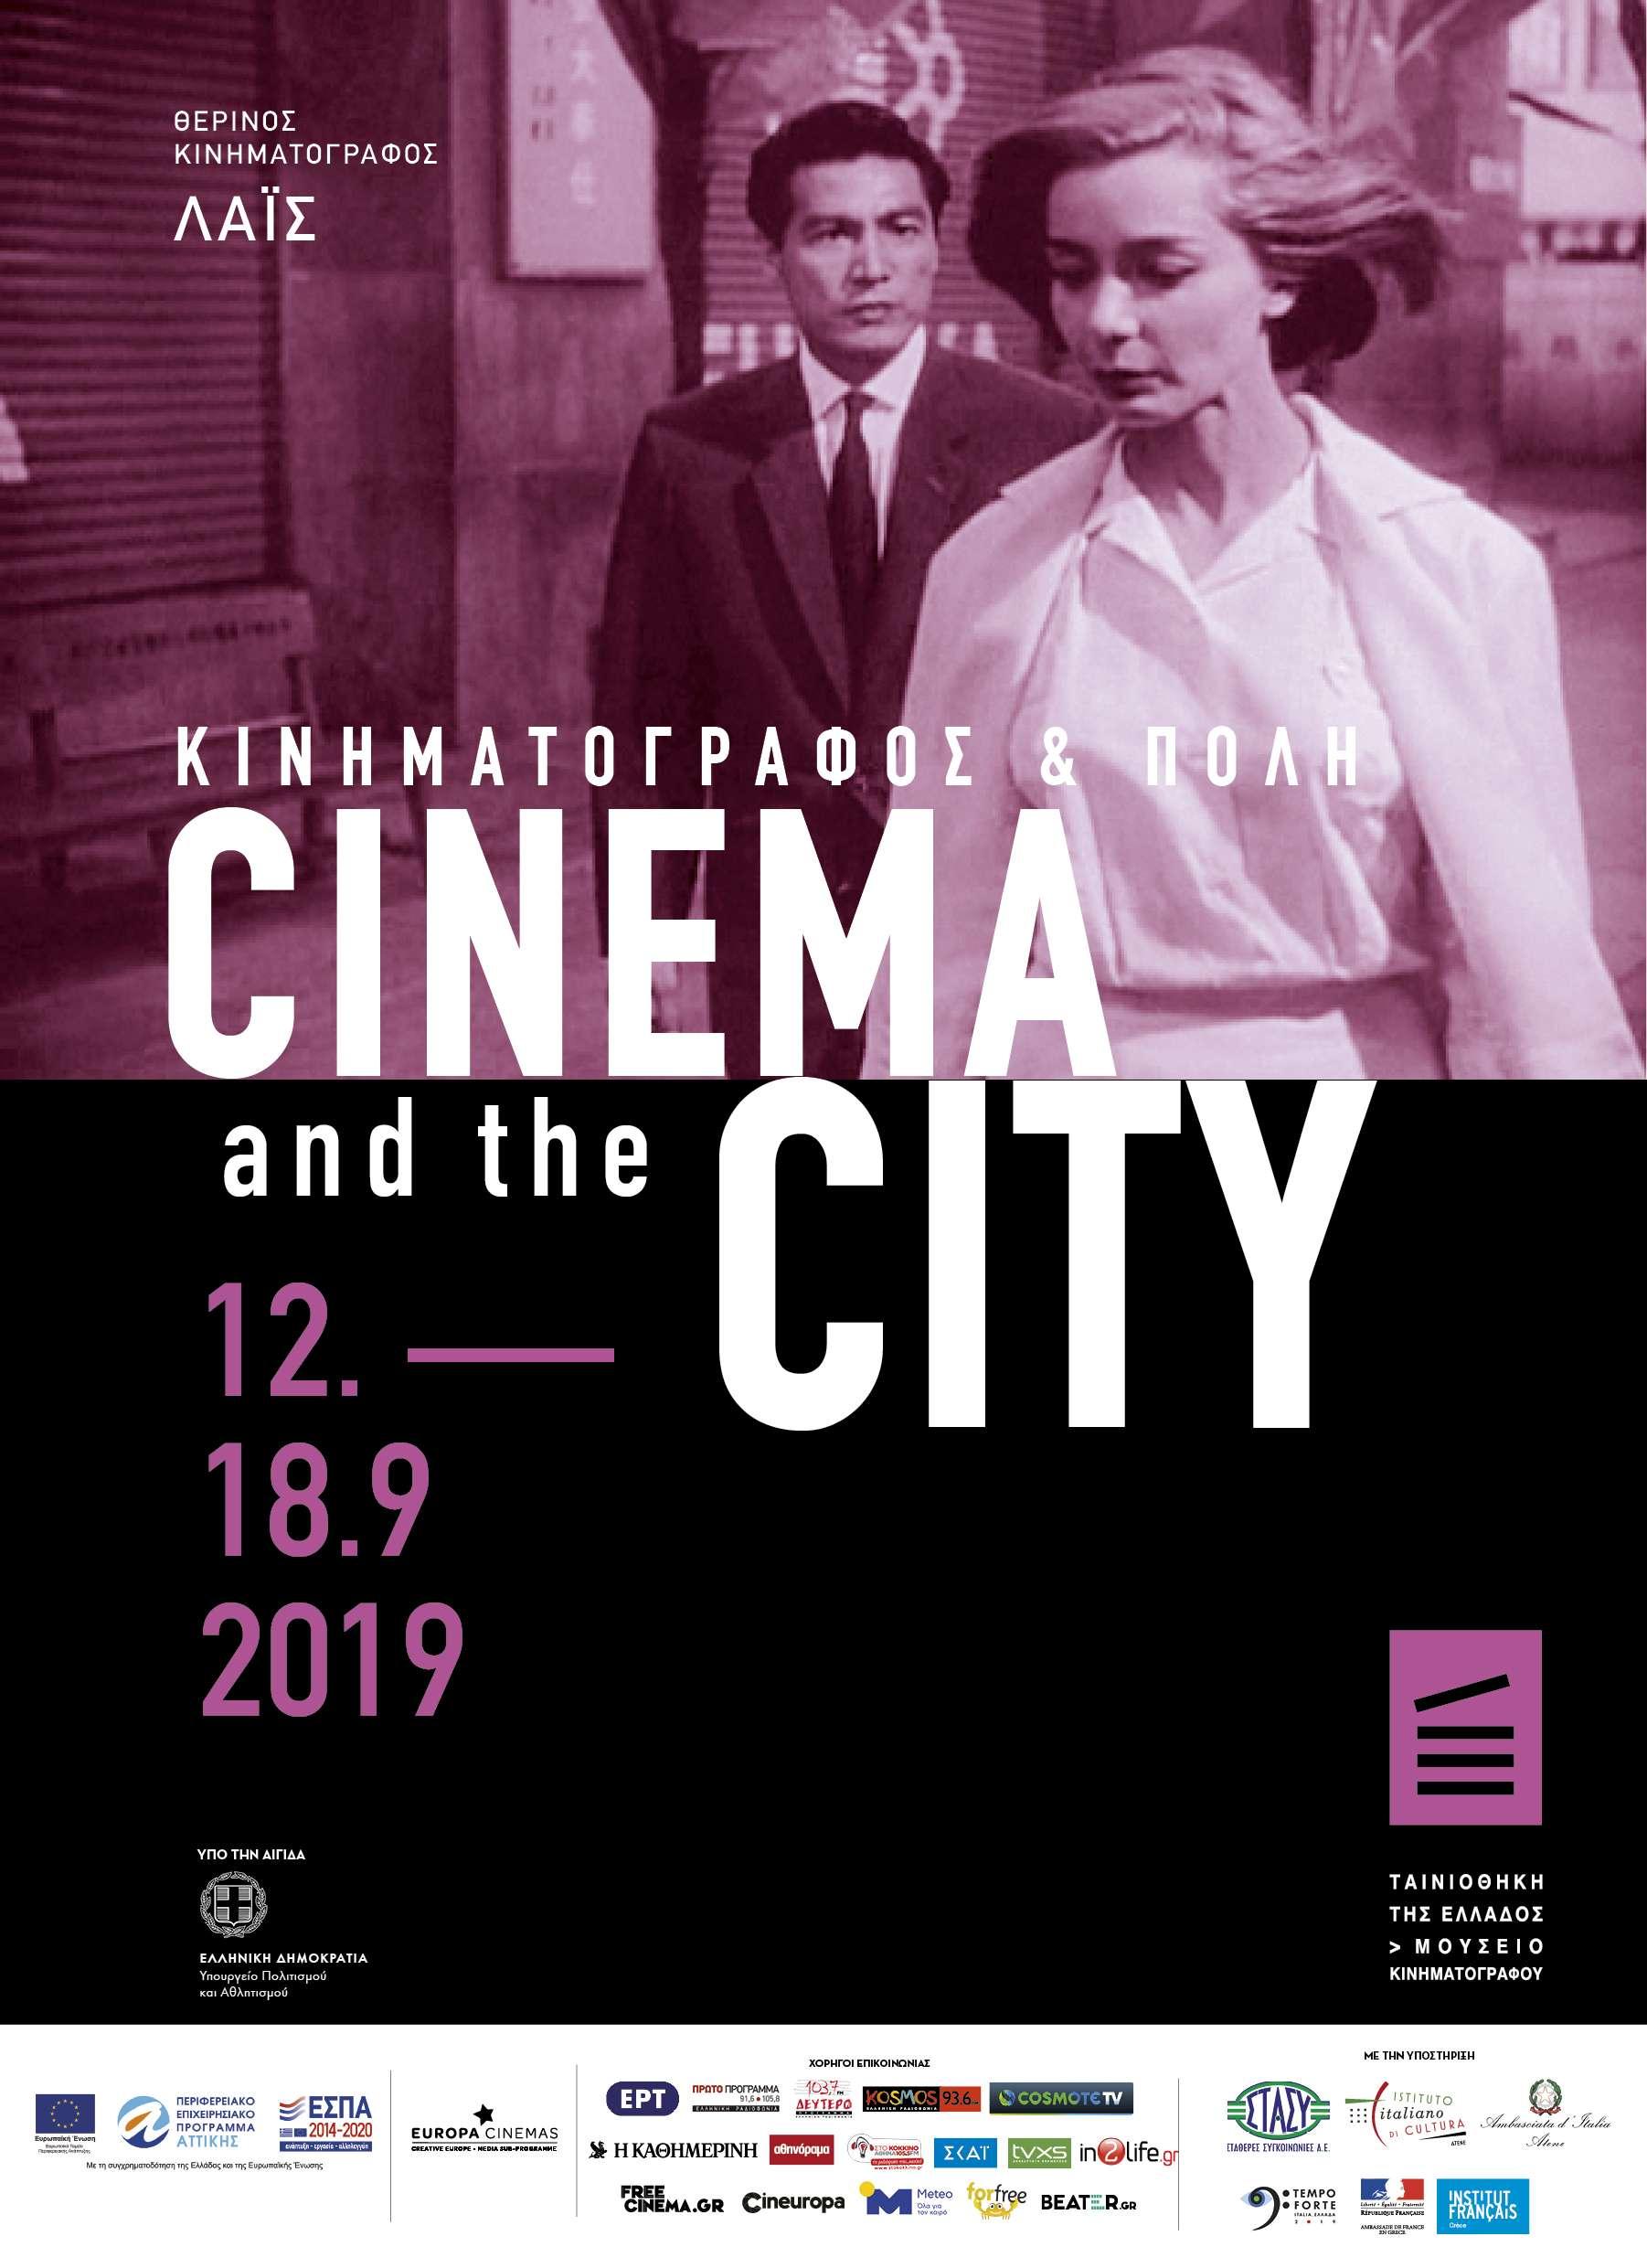 Κινηματογράφος Και Πόλη Poster